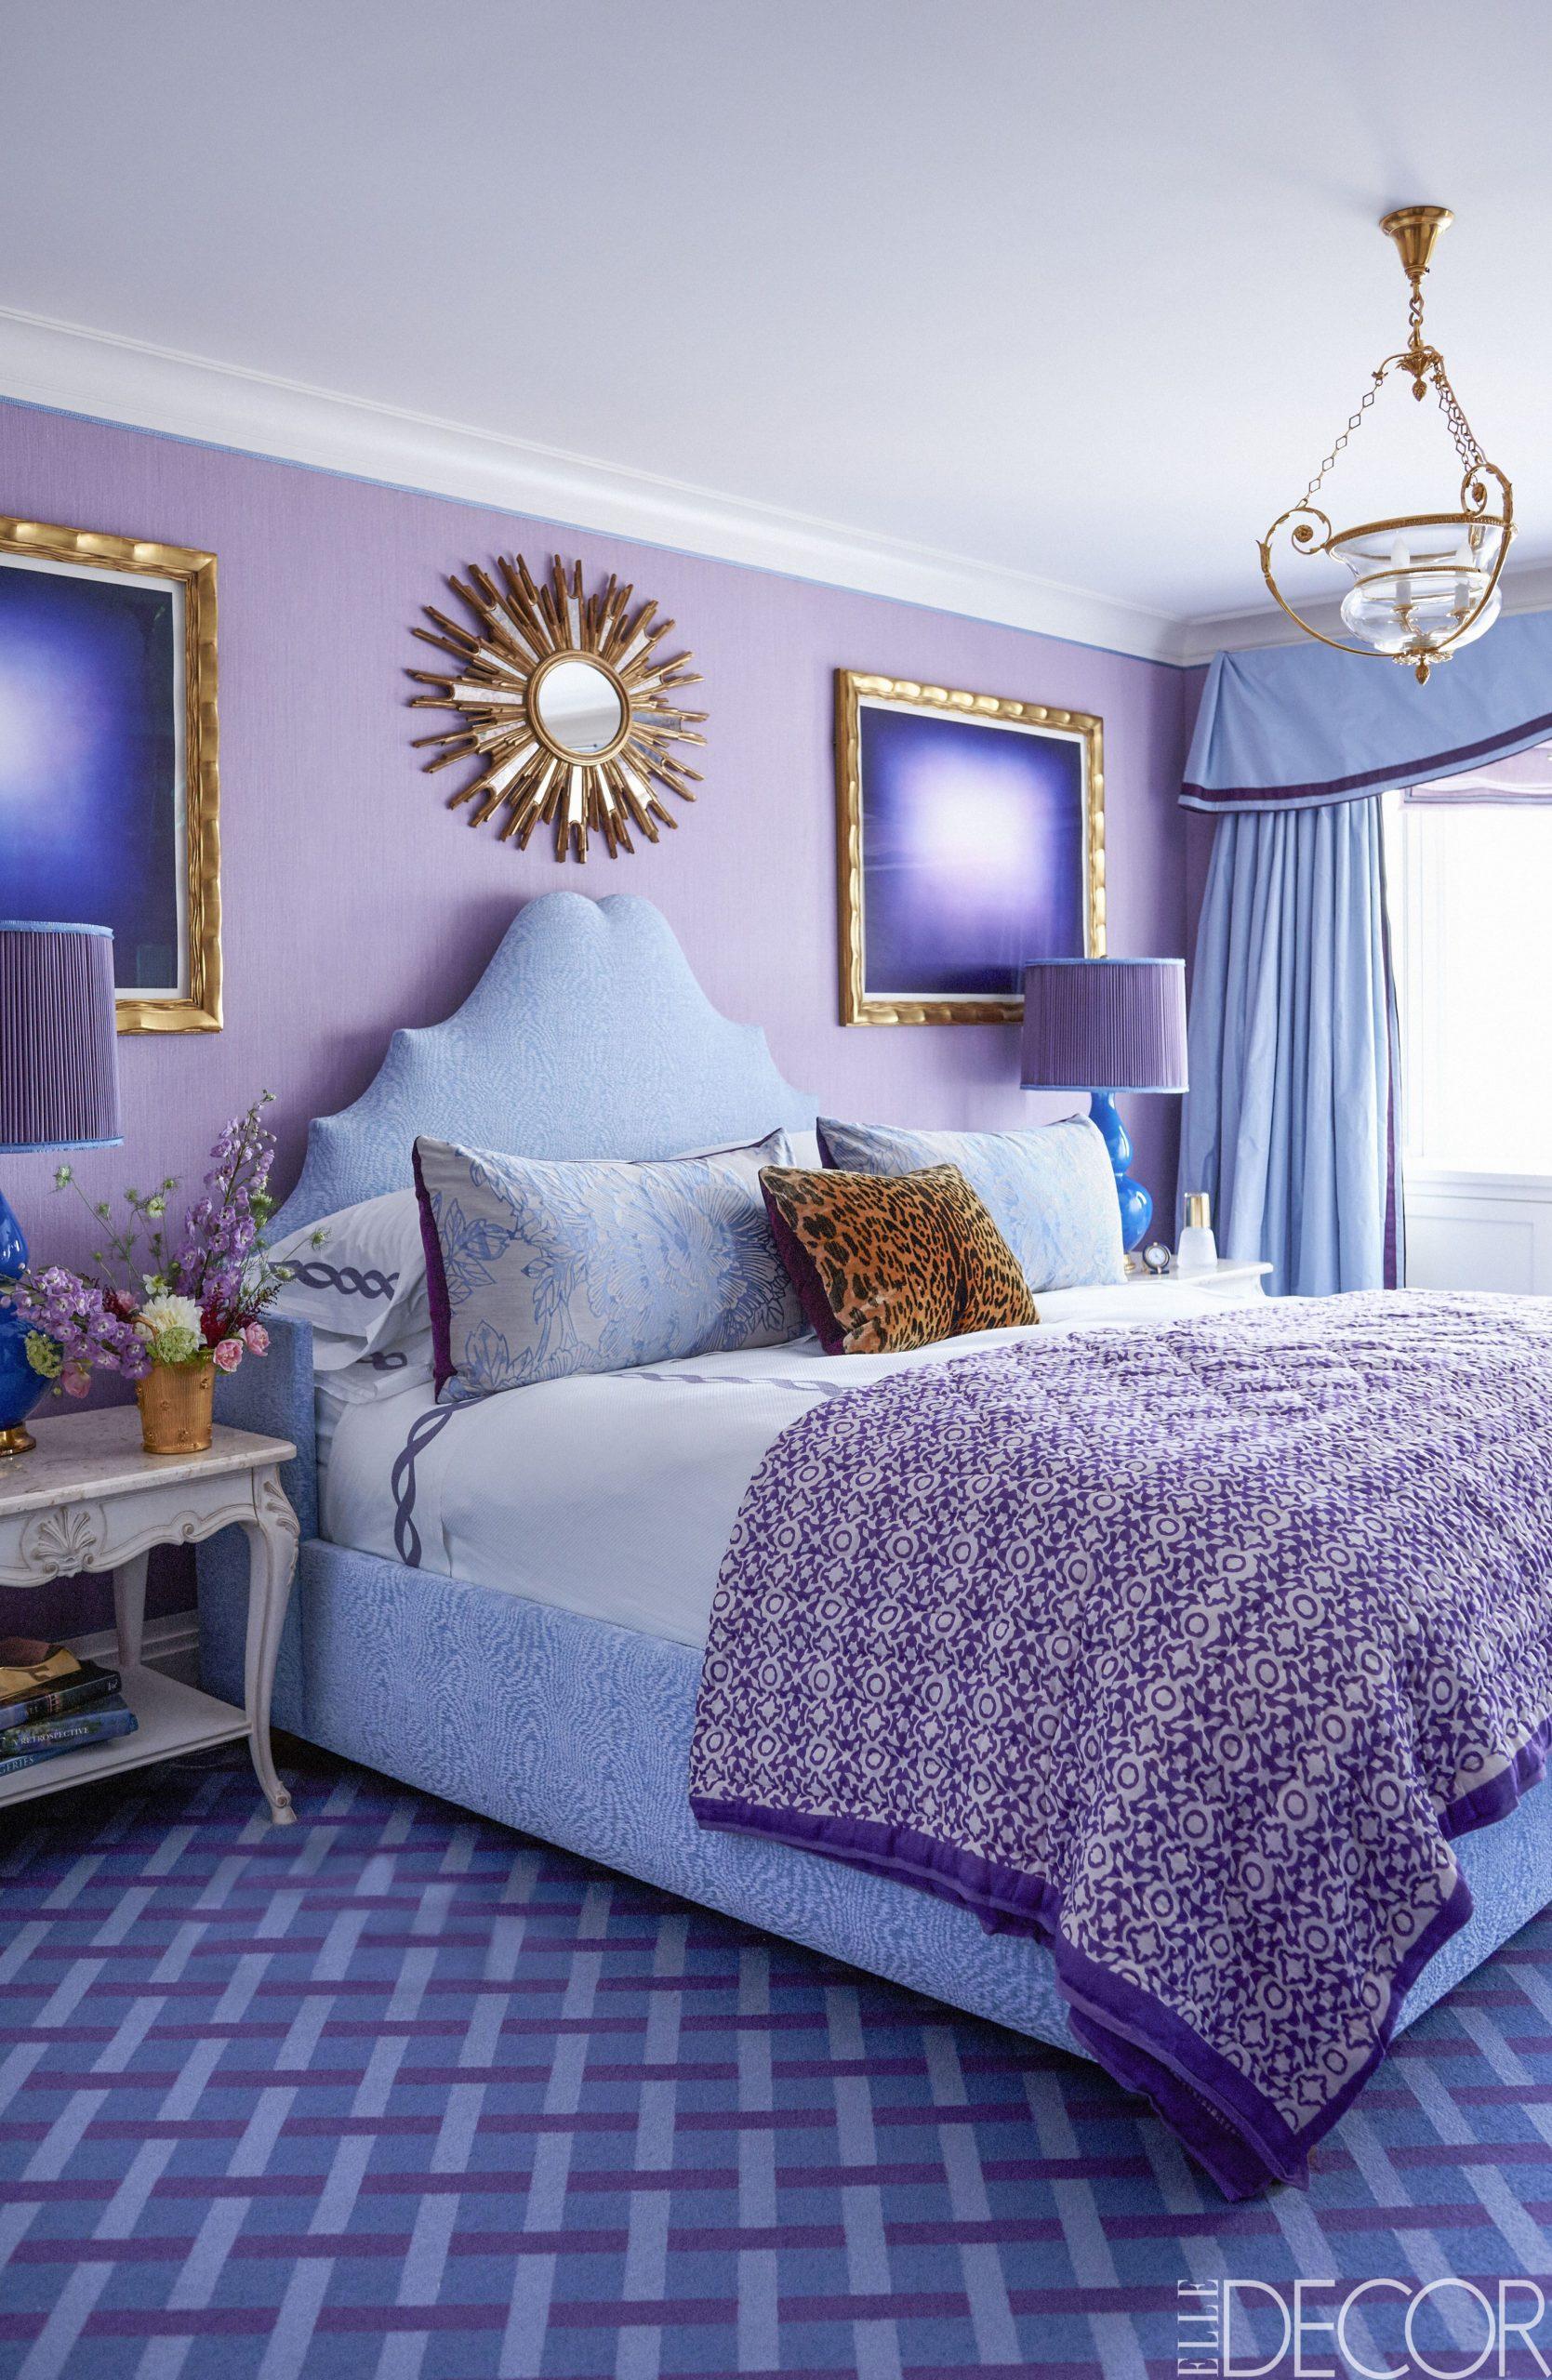 12 Purple Room Decorating Ideas - How to Use Purple Walls & Decor - Bedroom Ideas Purple